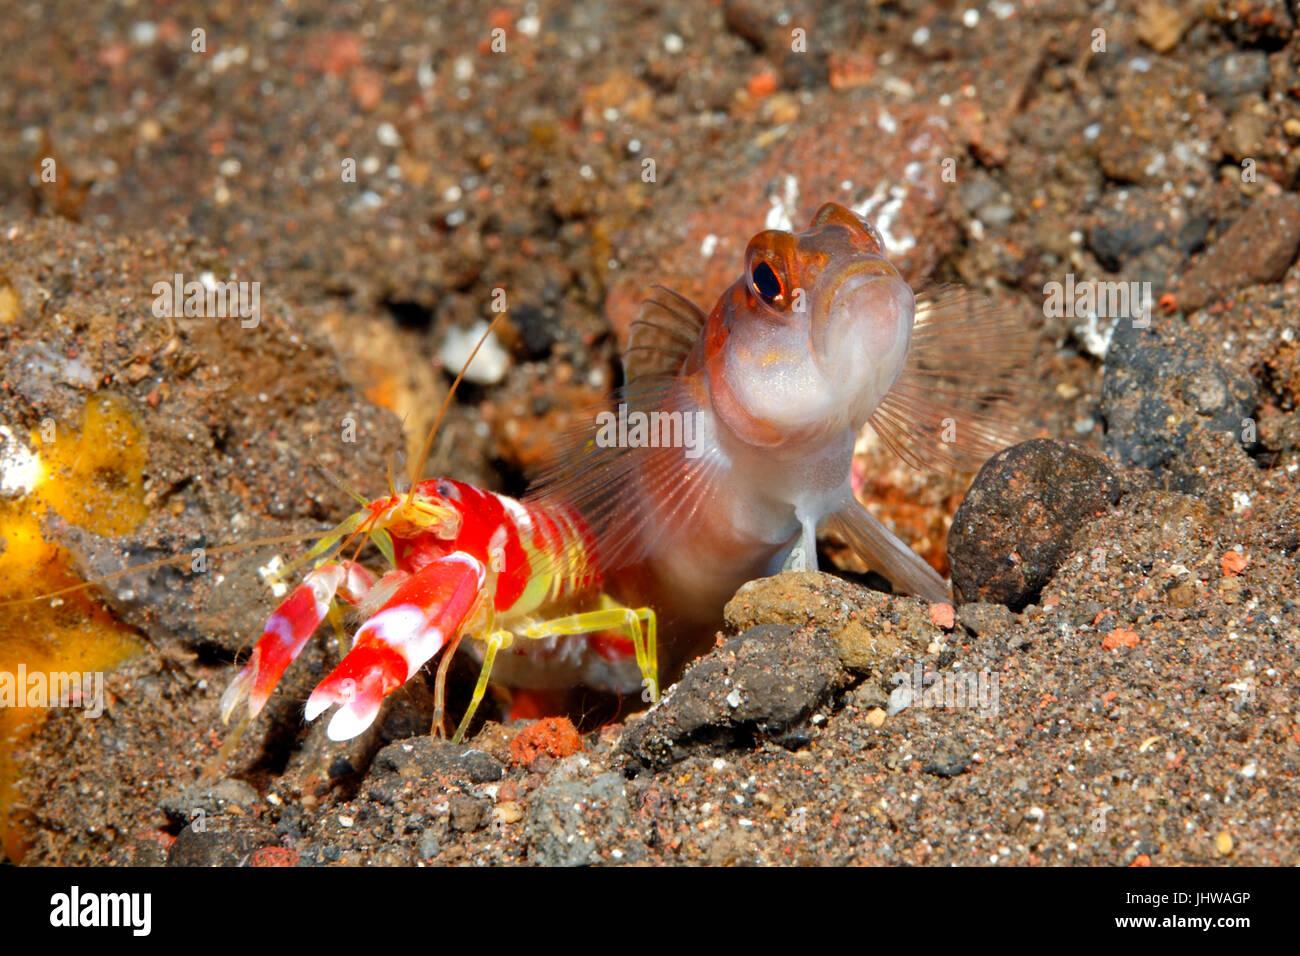 flagtail-shrimpgoby-amblyeleotris-yanoi-